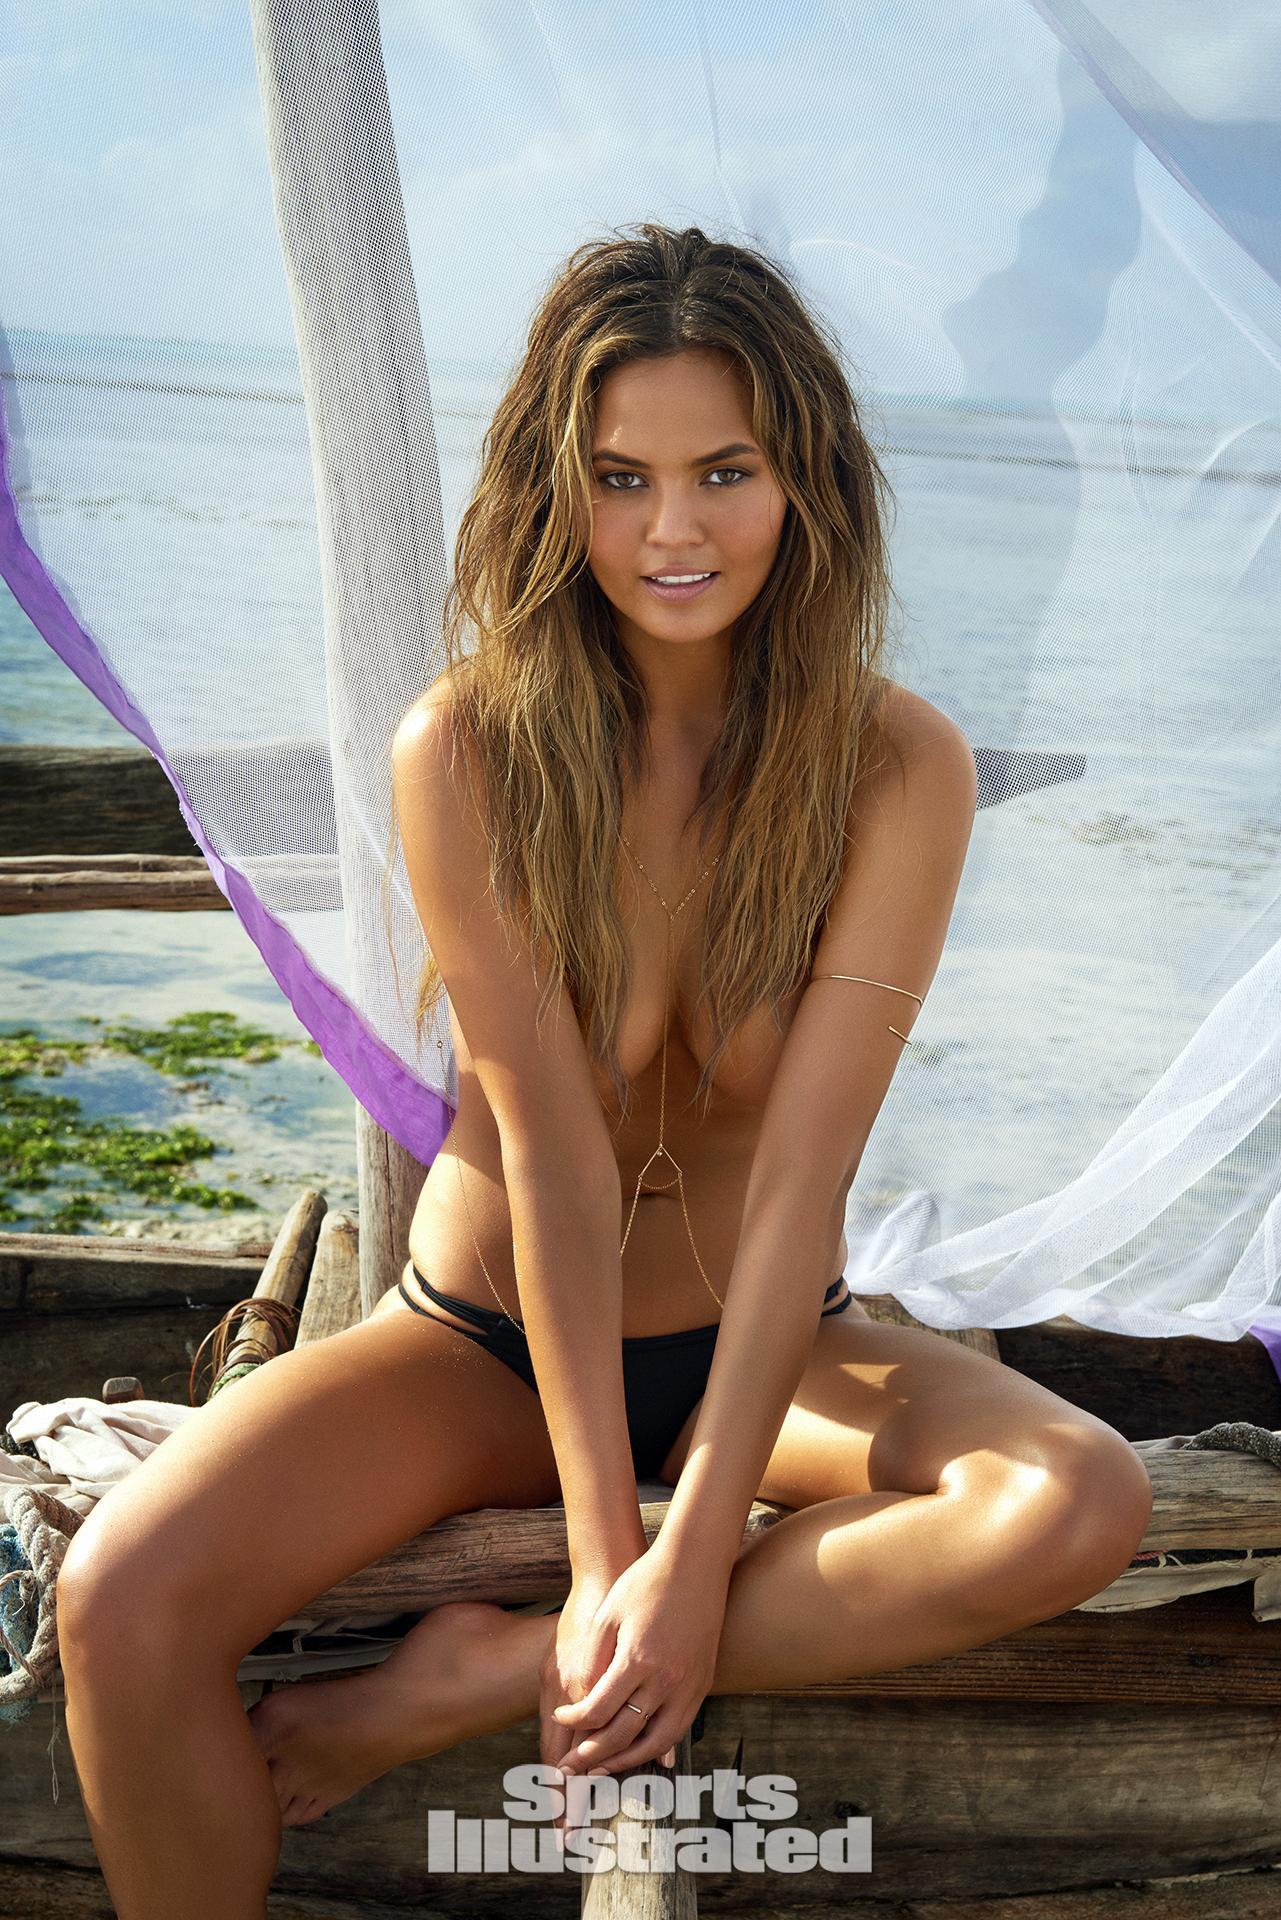 Chrissy Teigen Nude Compilation Photos Celebs Unmasked 1